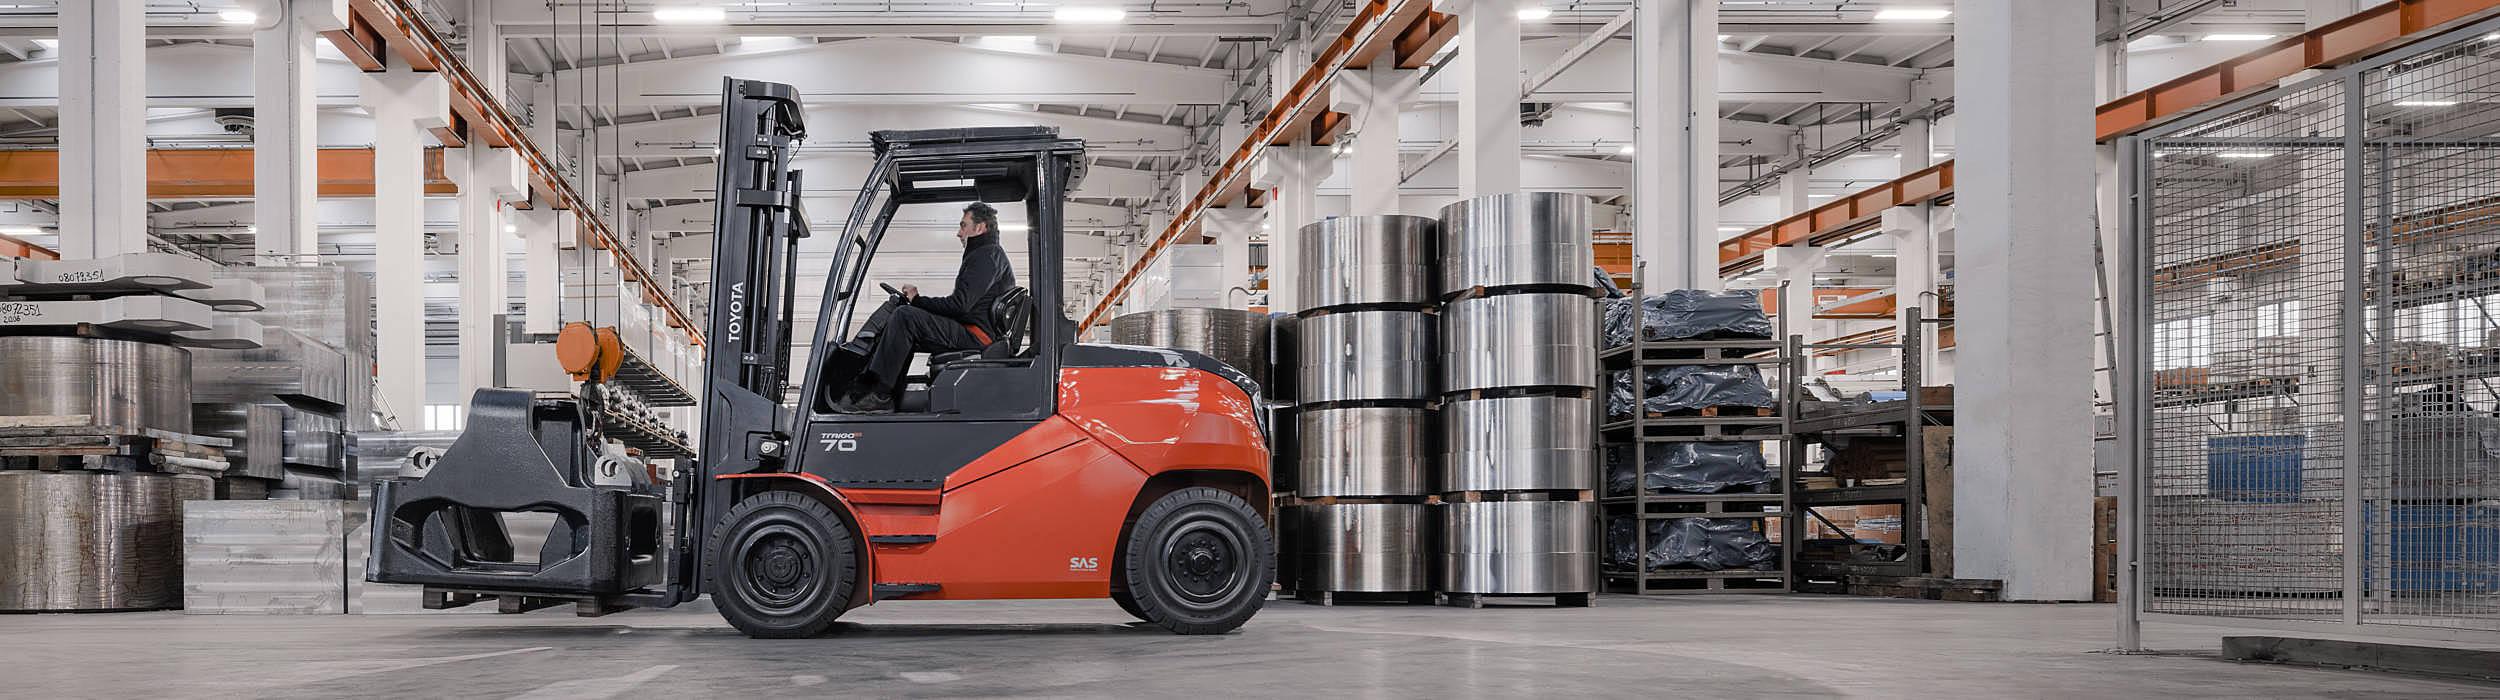 Traigo 80 - stærk og effektiv eldrevet gaffeltruck til både indendørs og udendørs arbejde.